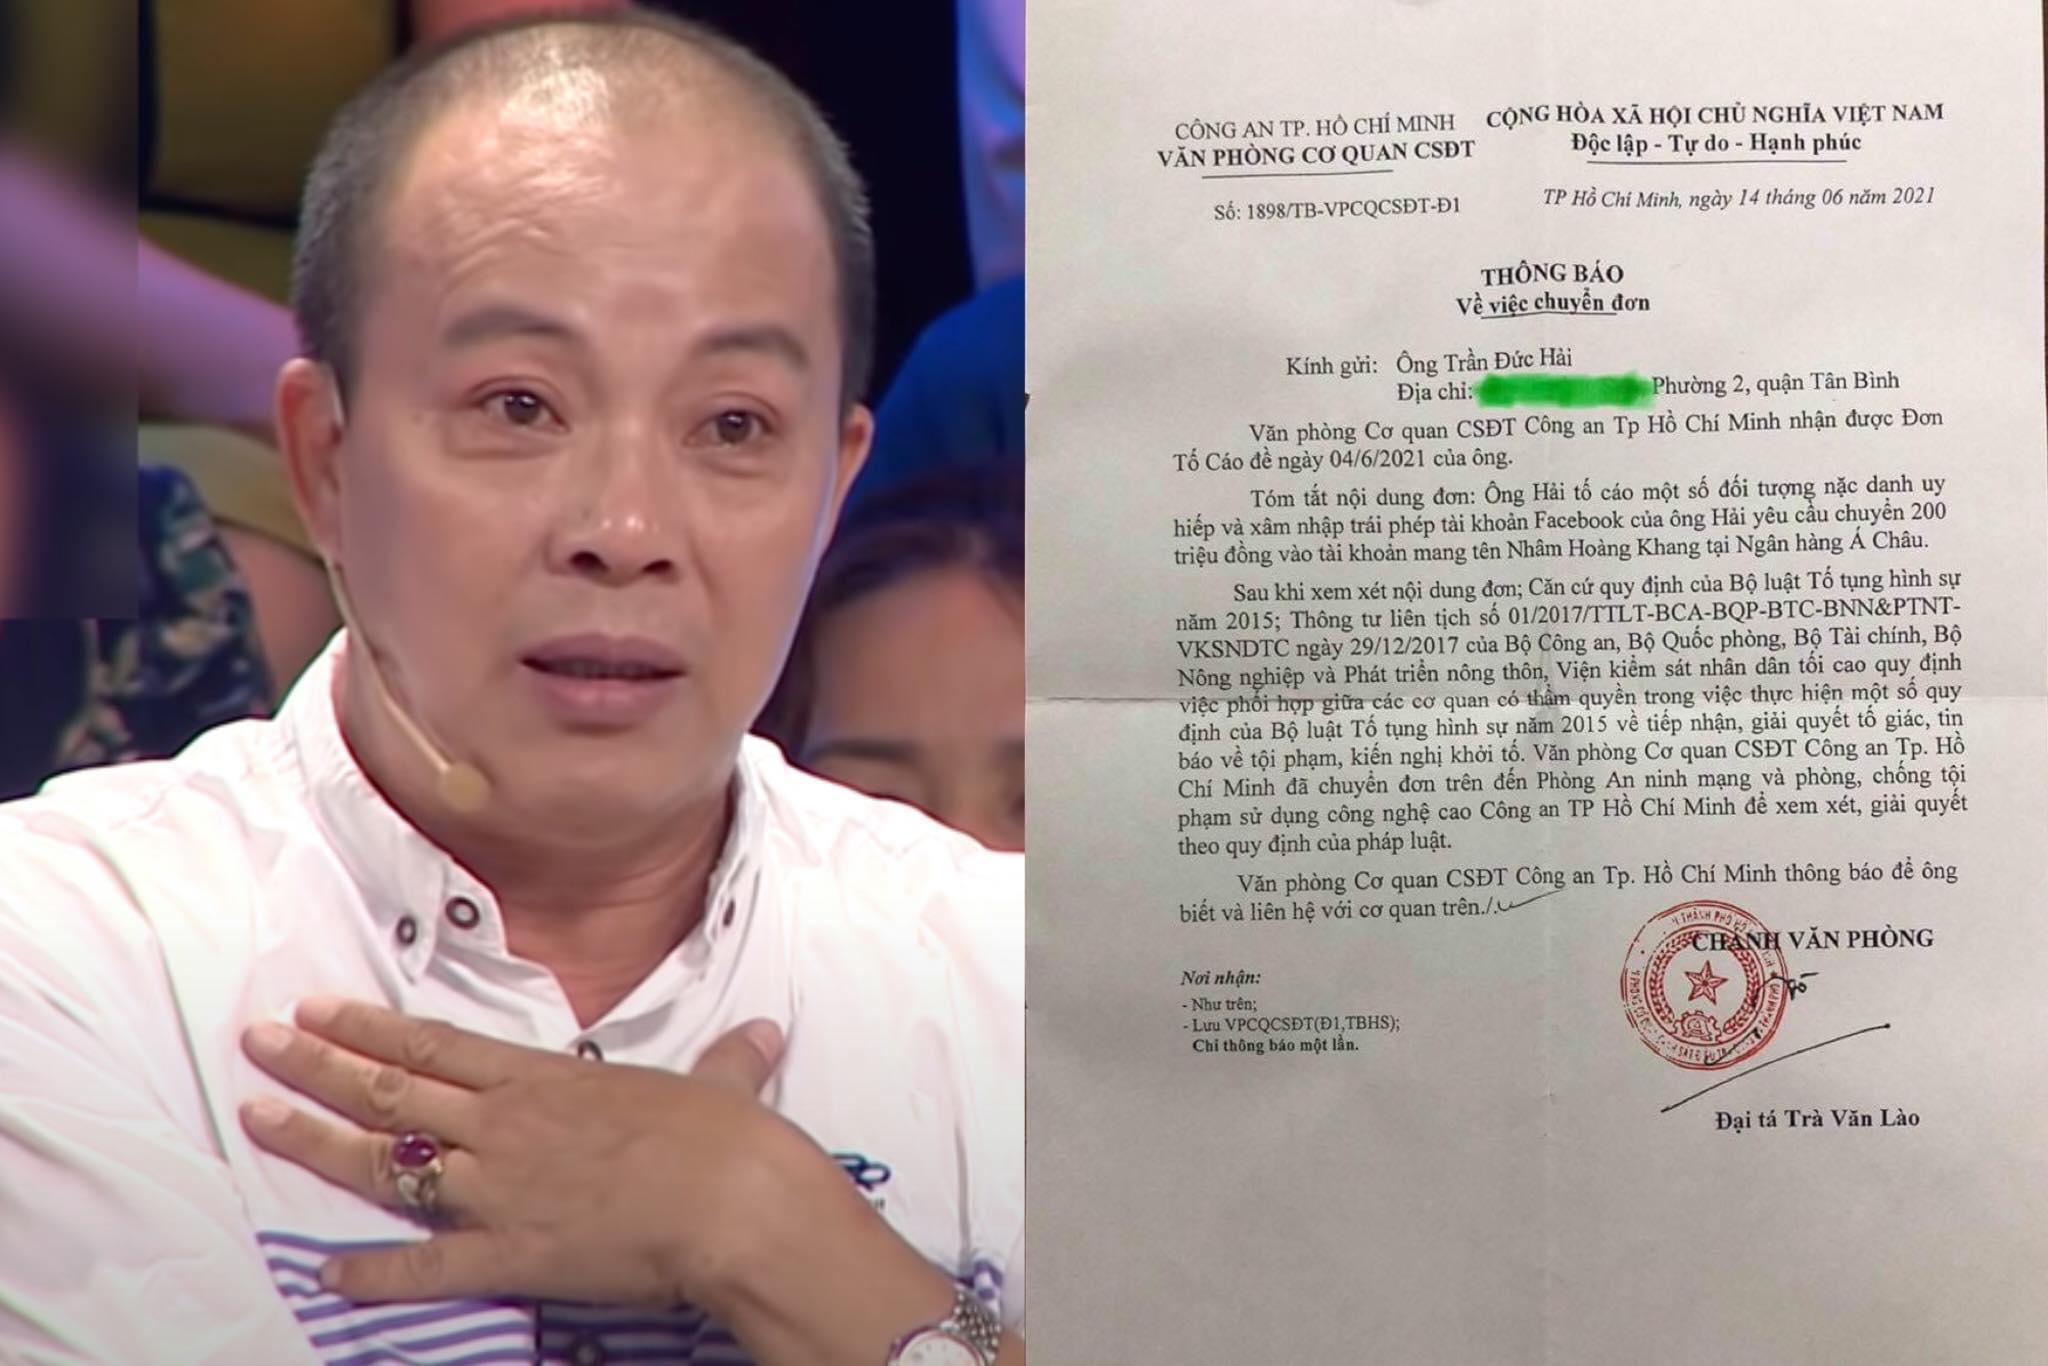 Công an TP.HCM nhận đơn tố cáo của NSƯT Đức Hải vụ Nhâm Hoàng Khang - Hình 1